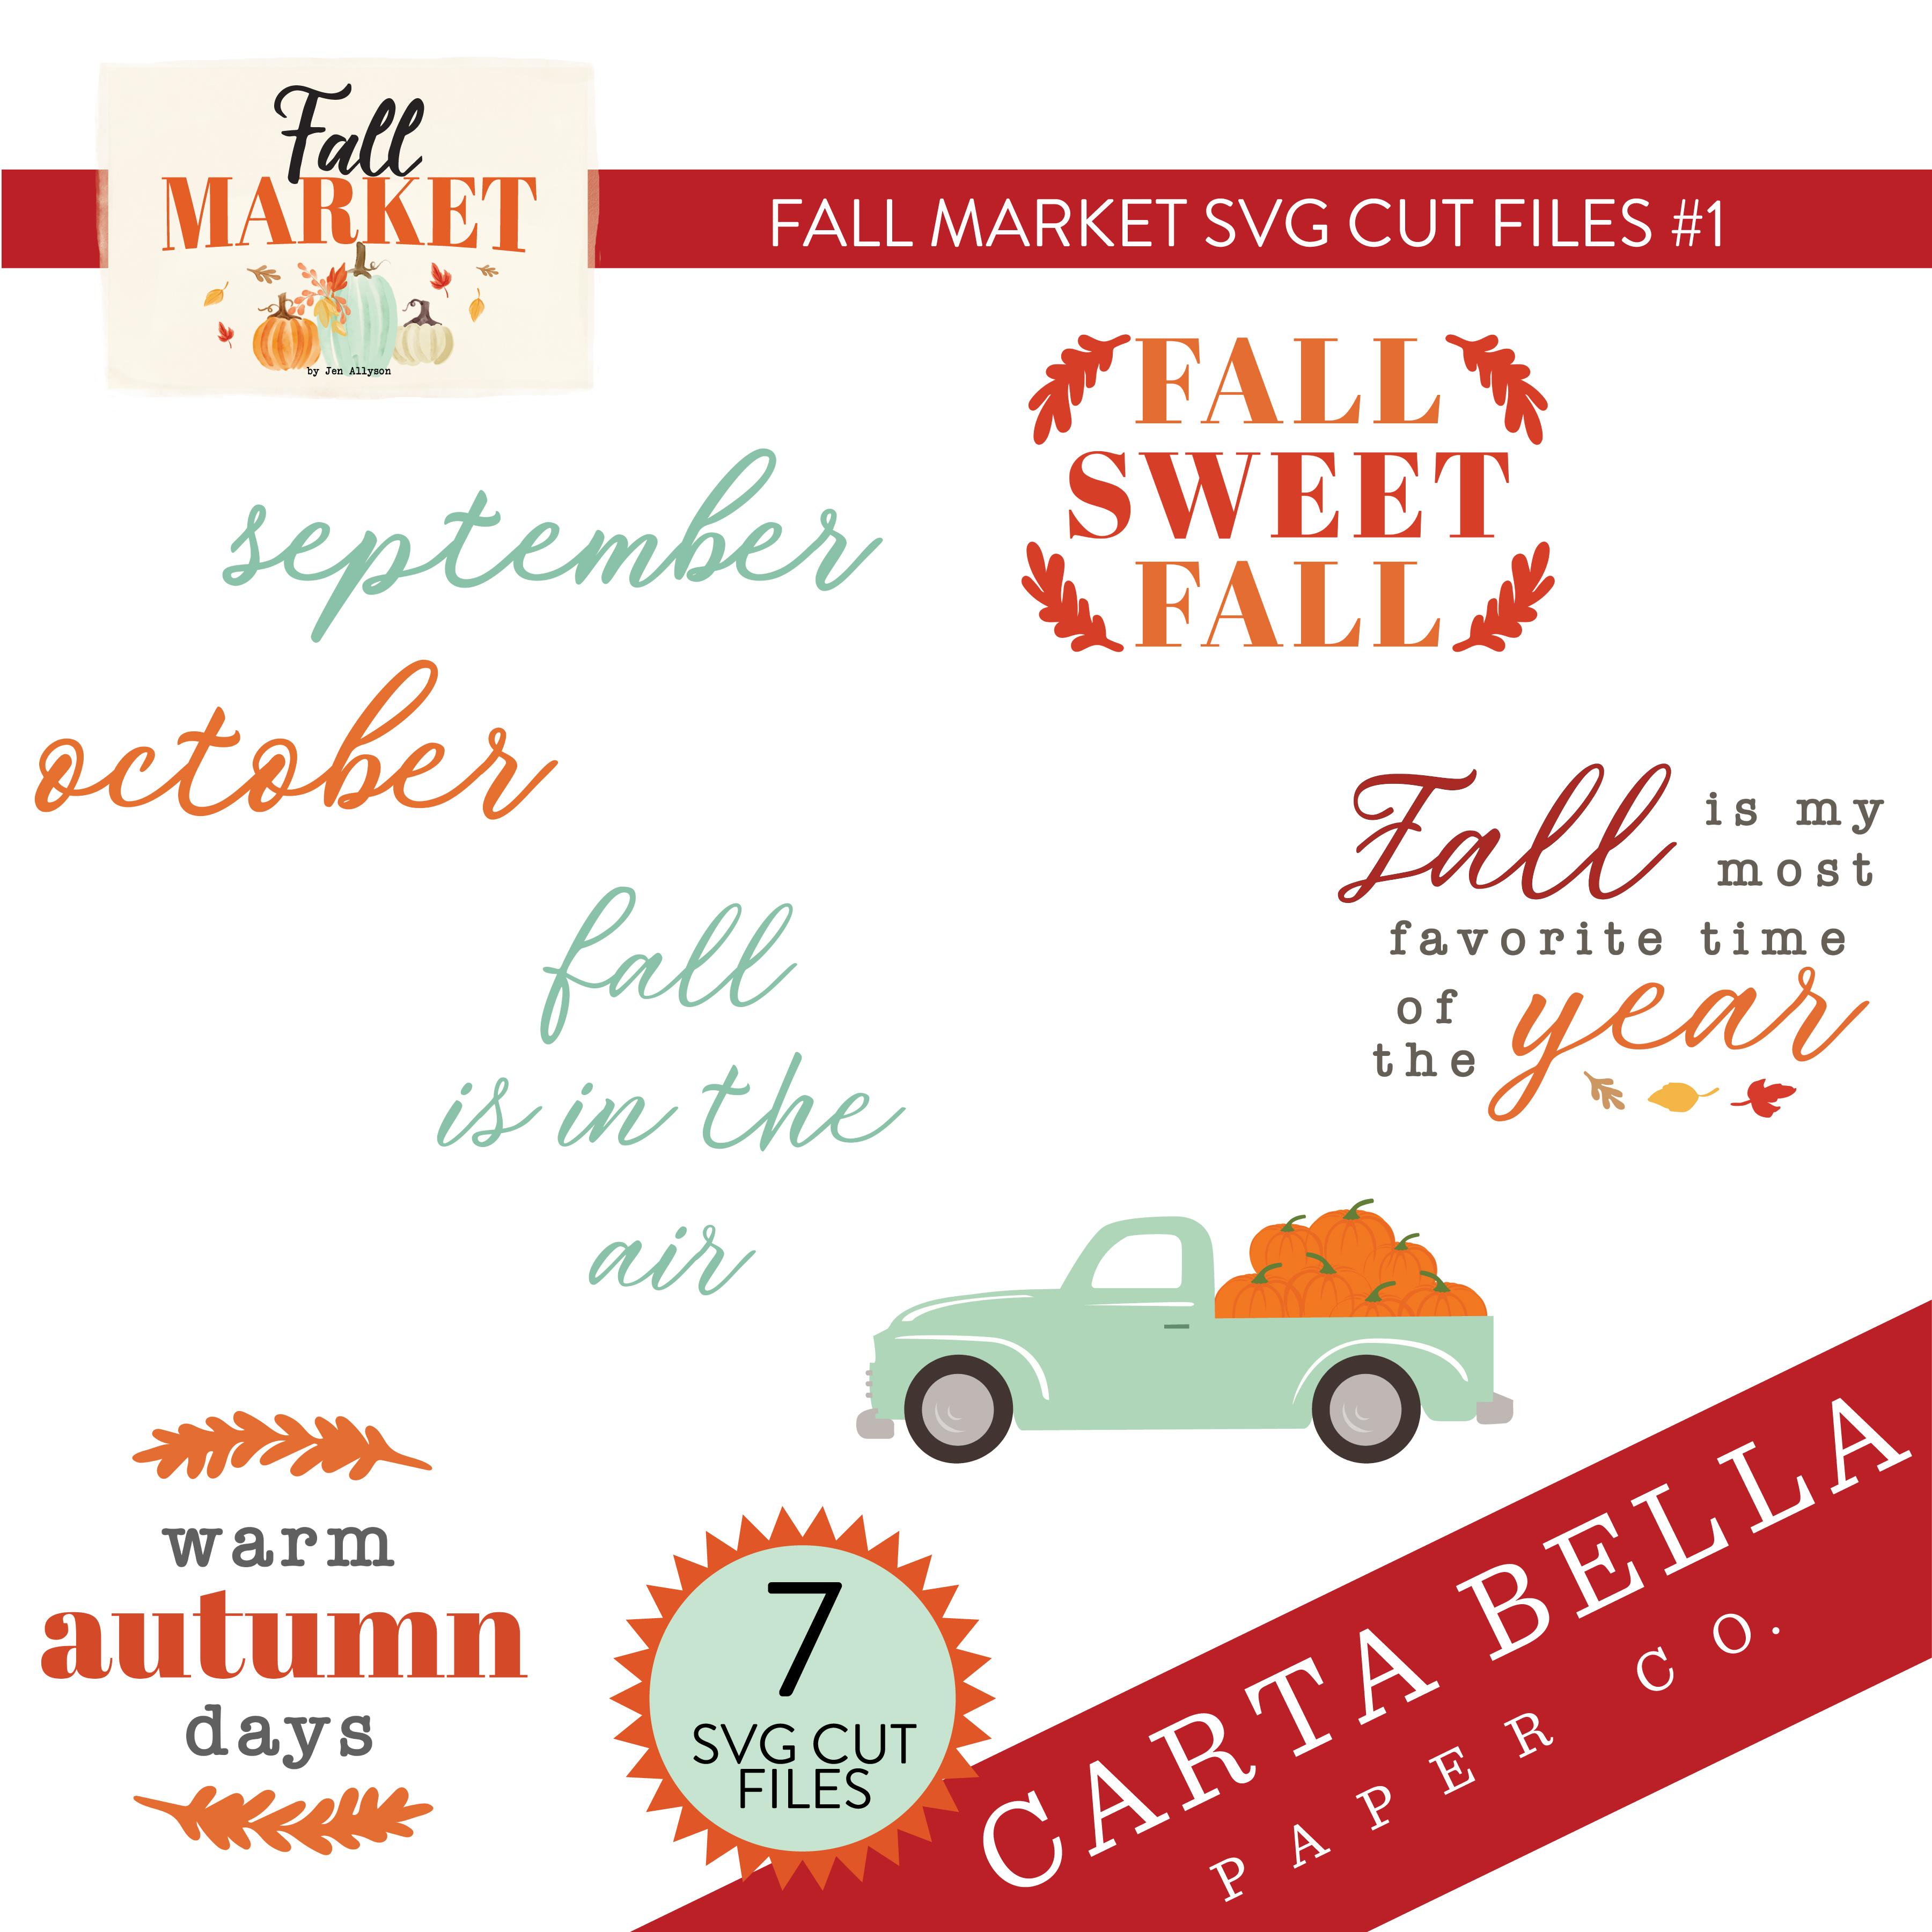 Fall Market SVG Cut Files #1